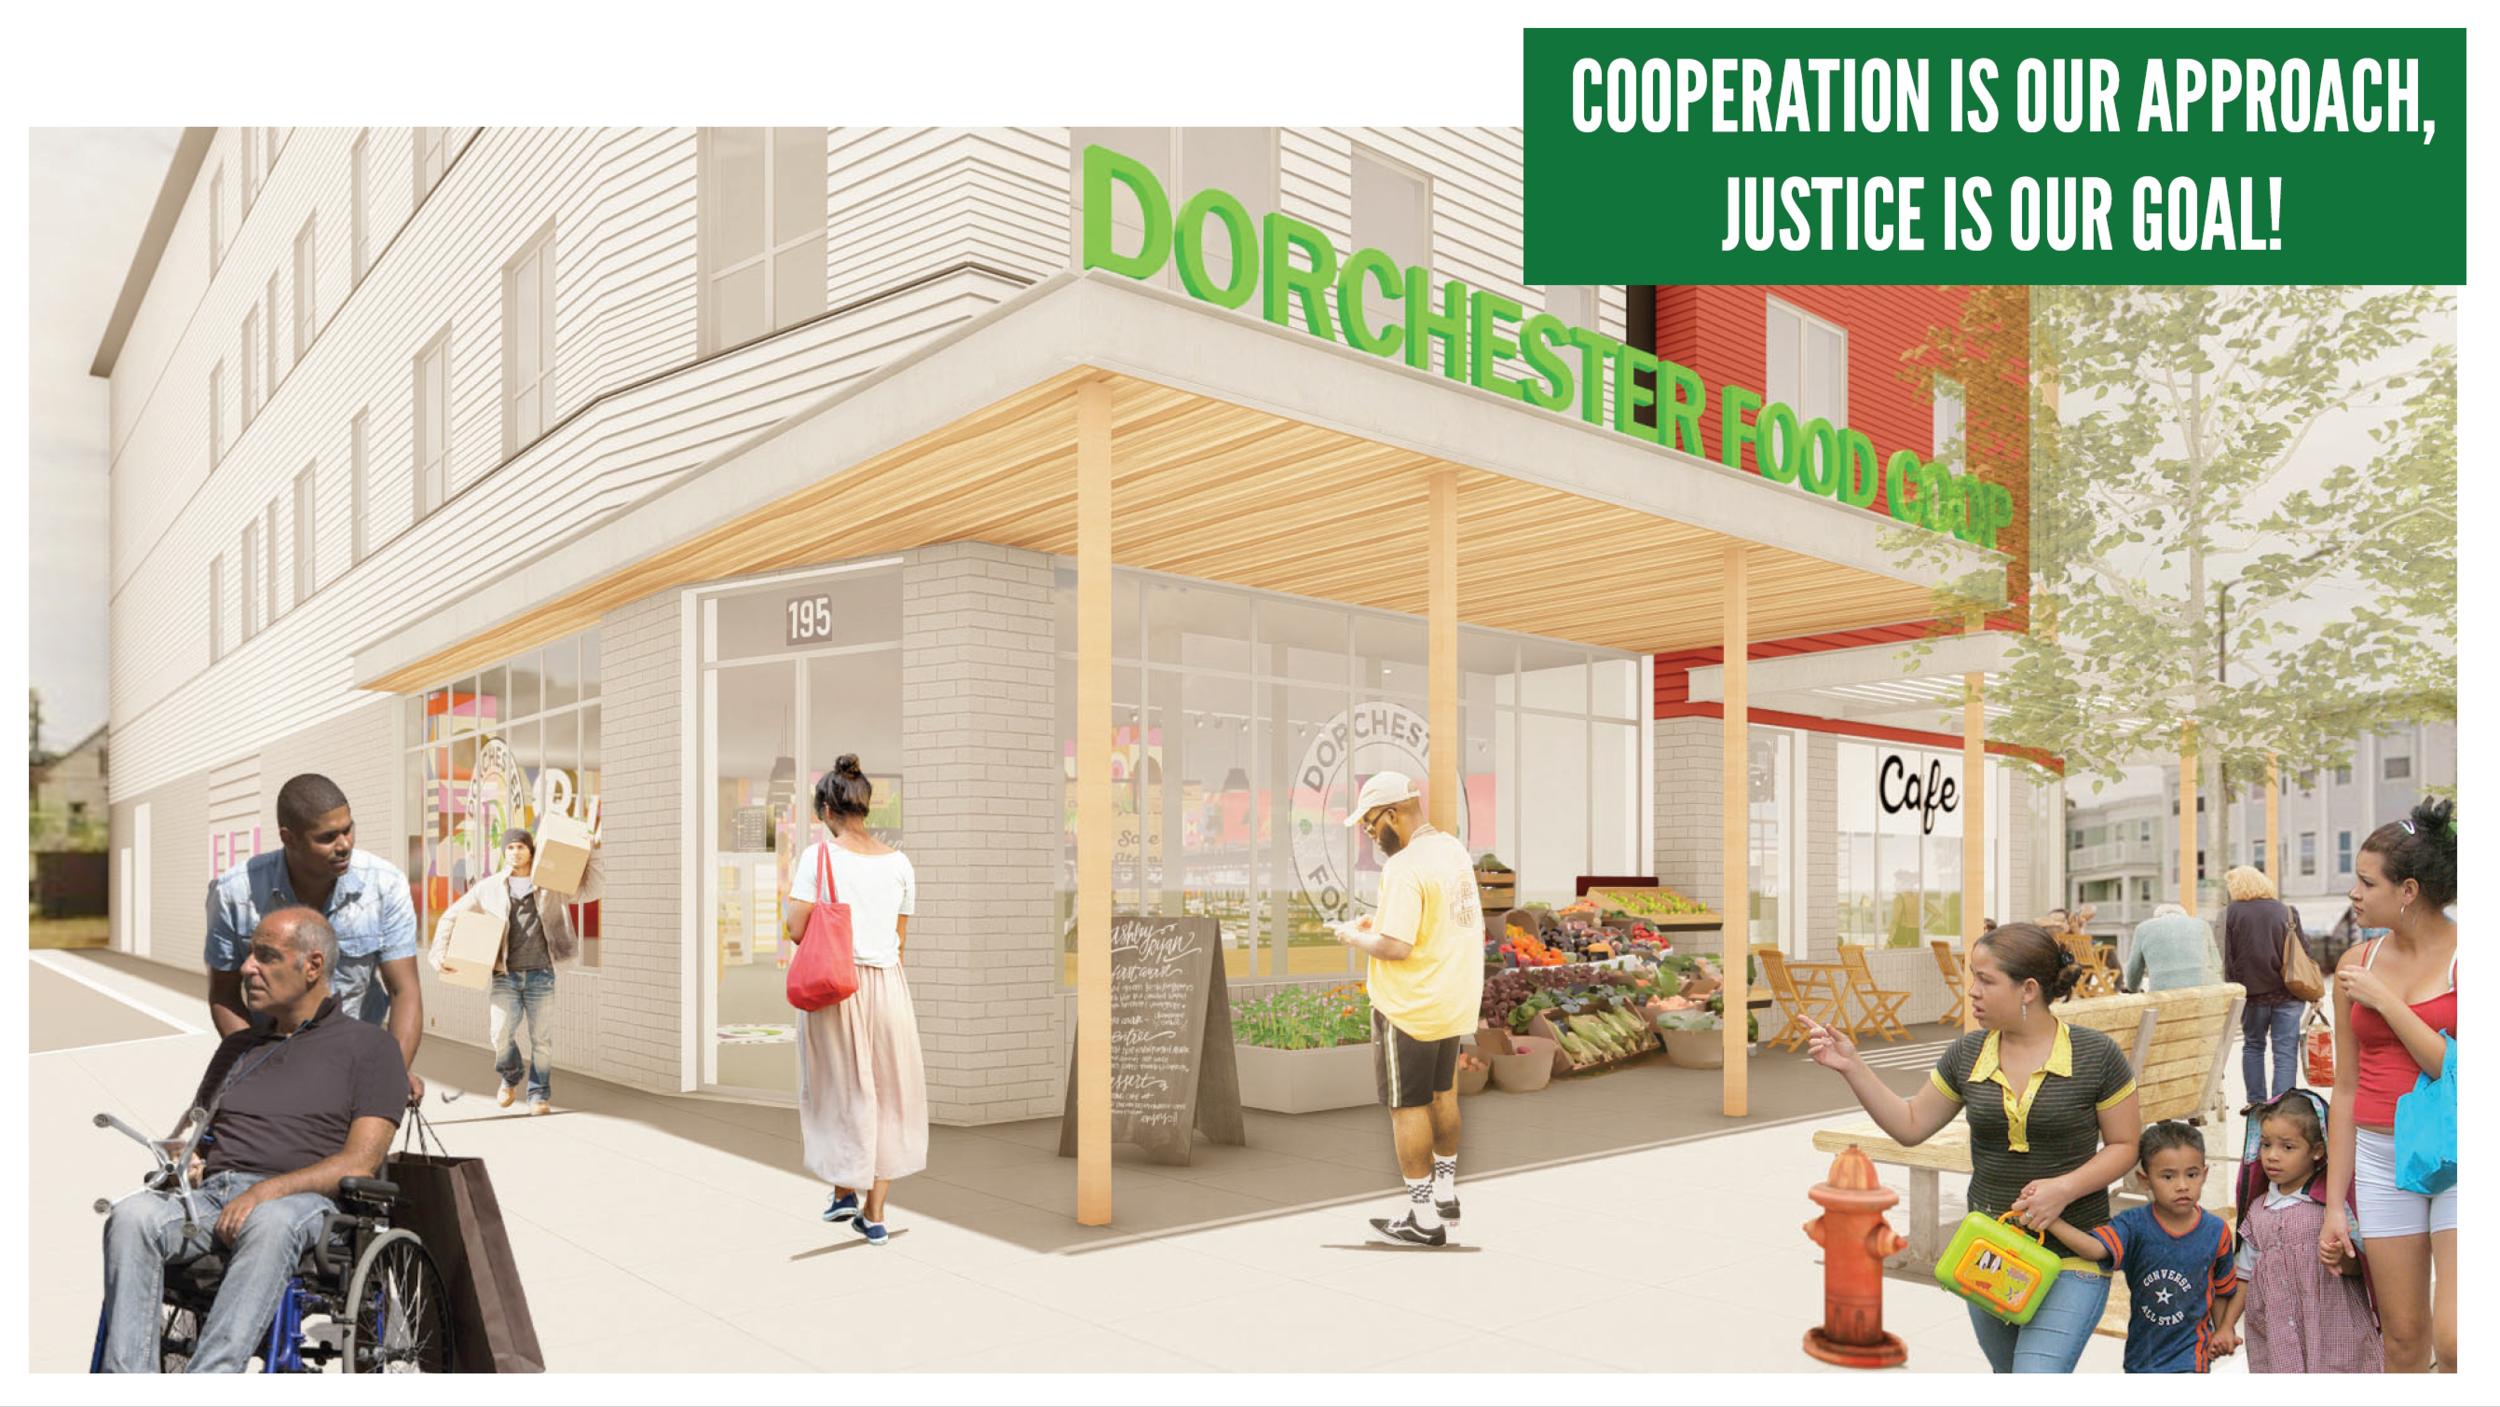 鲍登街195号店铺入口的效果图. 说明只有. 该商店目前尚未建成或收购.